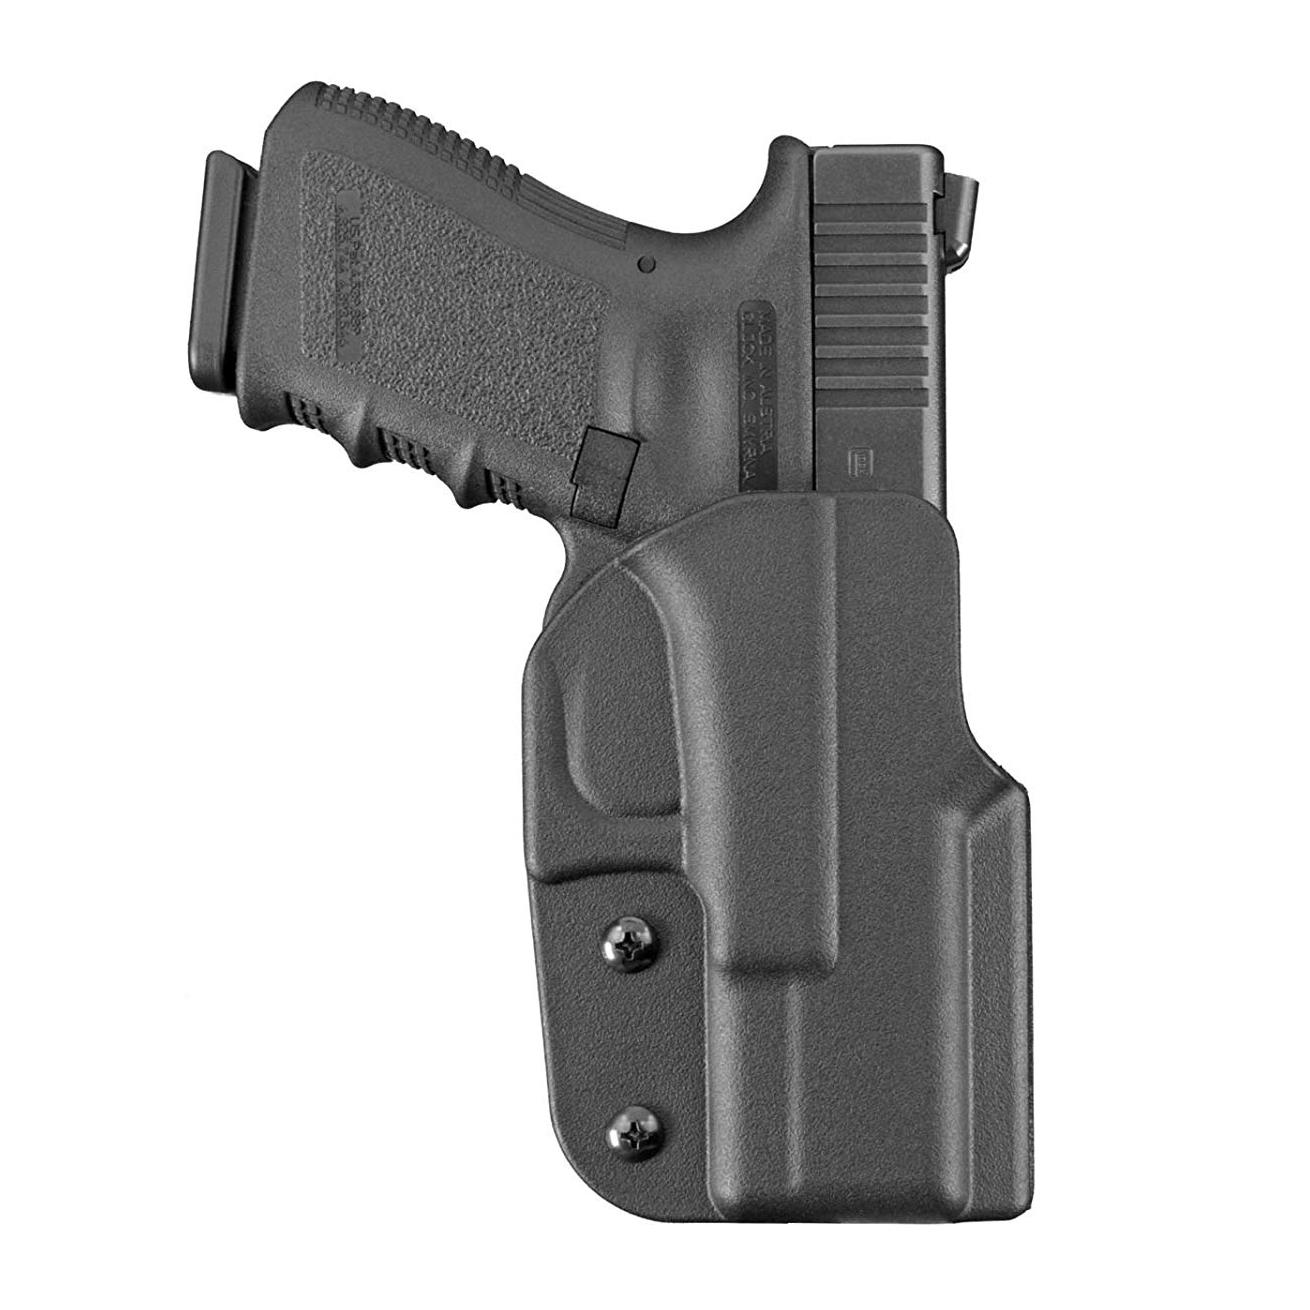 Blade-Tech Signature Tek-Lok Holster, Glock 19/23 Gen 5